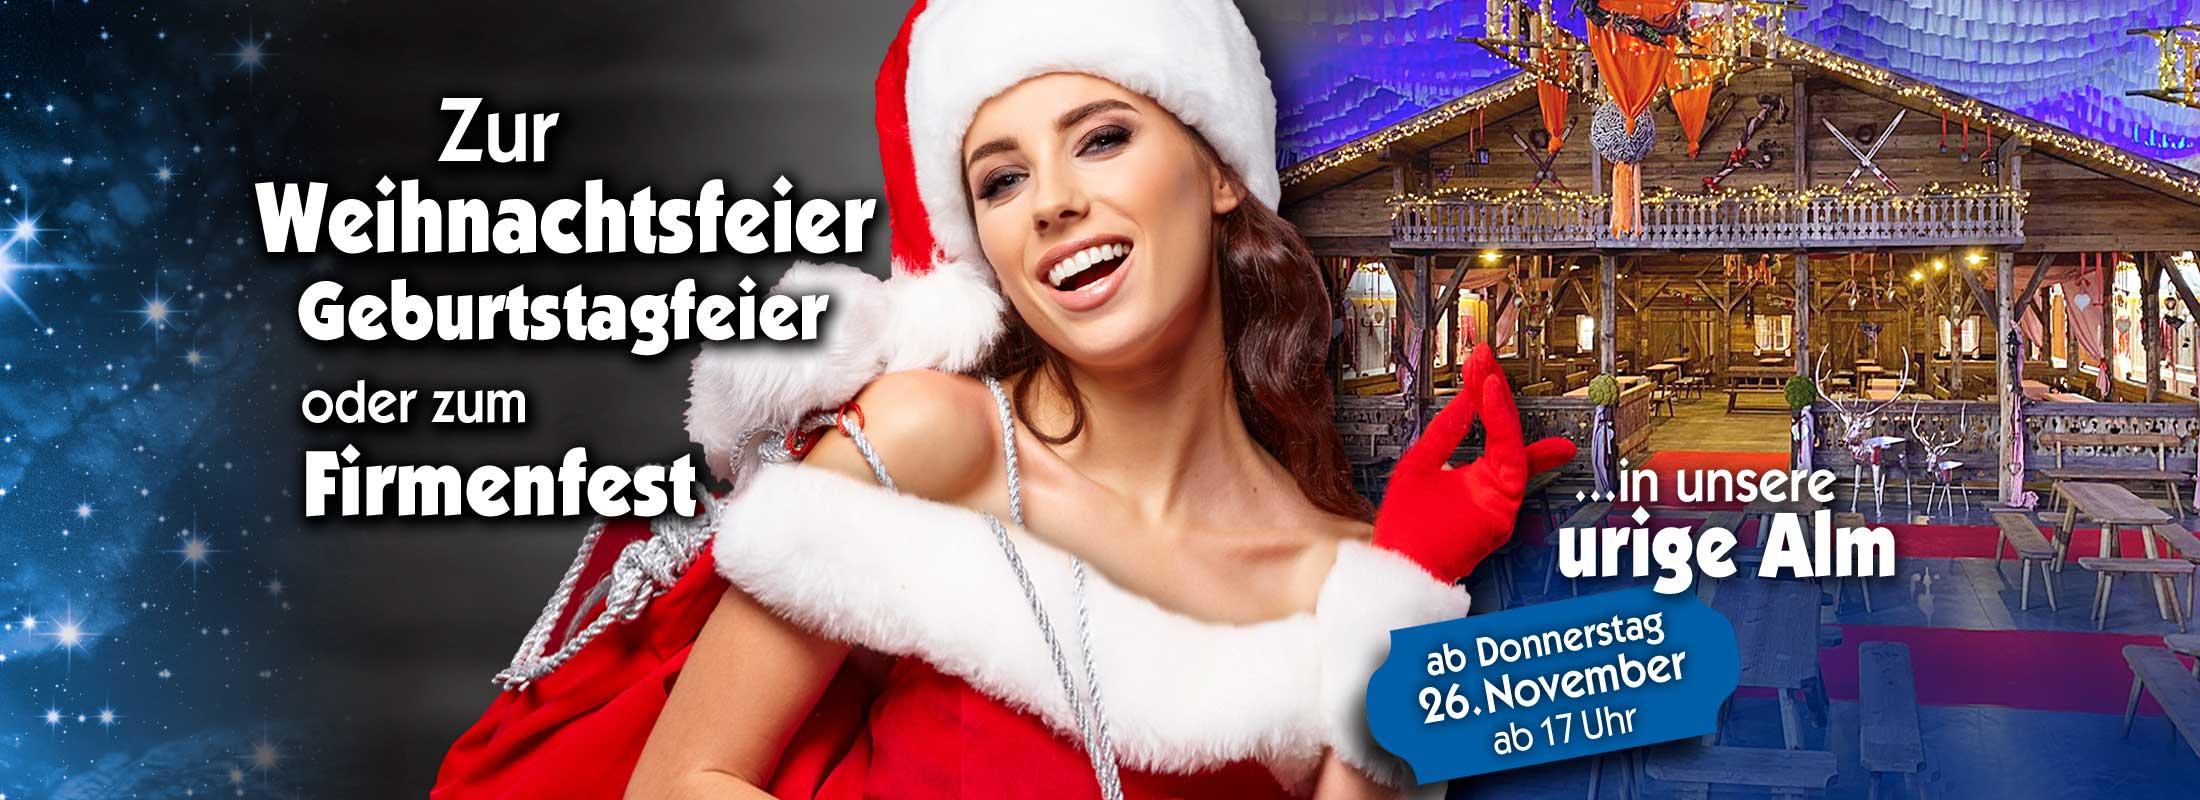 Weihnachtsfeier_Christkindlmarkt_Abensberg_Bayern_Lebkuchen_Christmarkt_2020